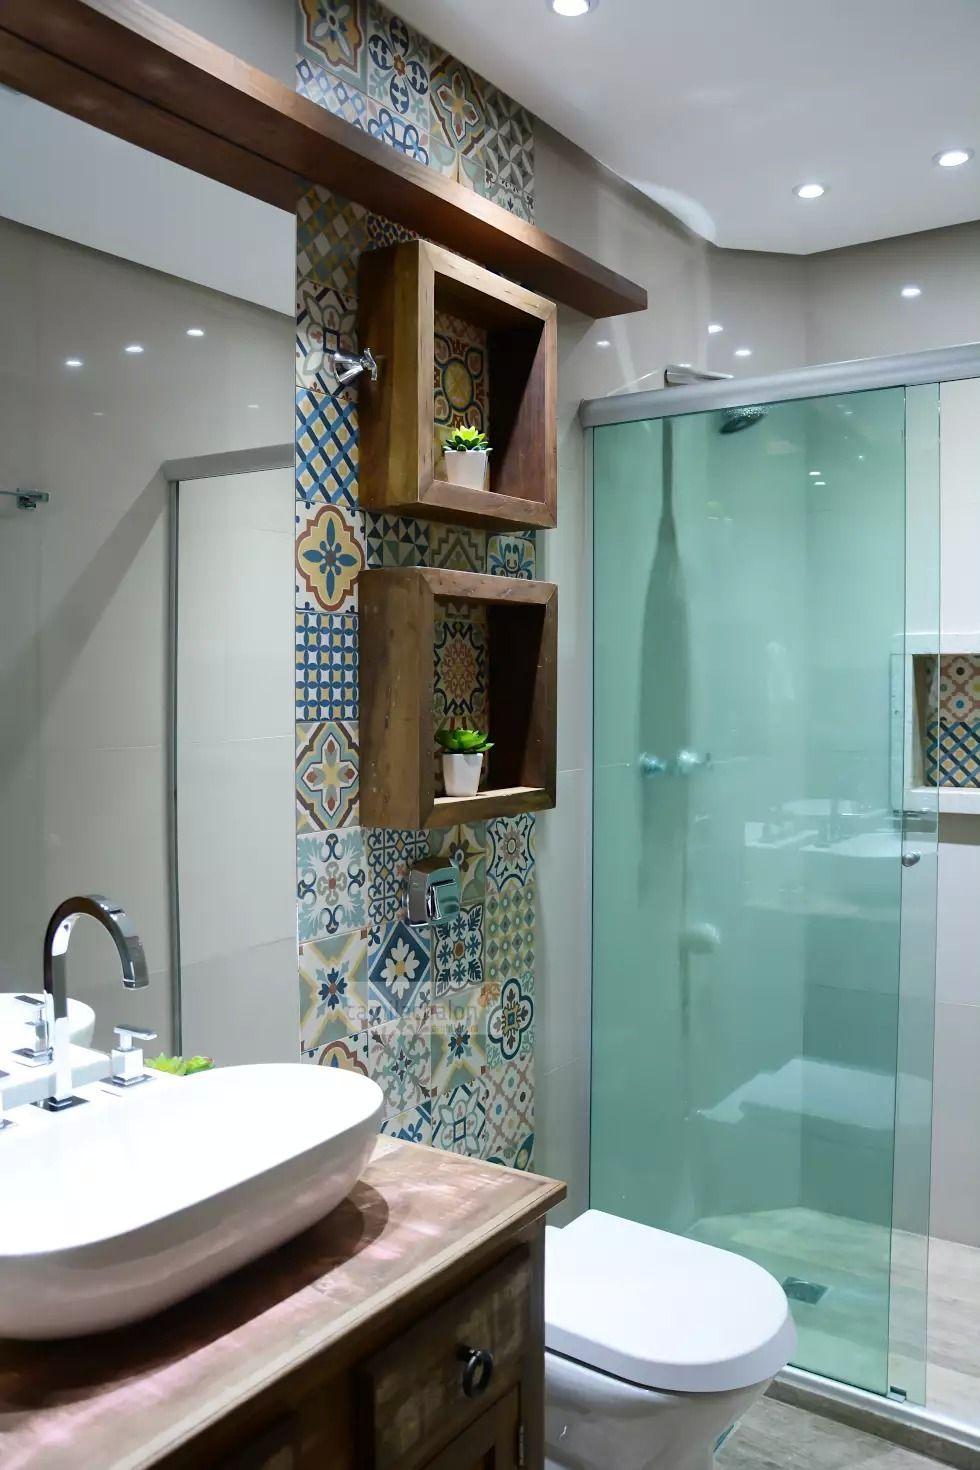 #474711 Para quem precisa decorar um banheiro simples e pequeno confira nossa seleção com 75  980x1470 px Banheiros Simples Pequenos E Bonitos 3814